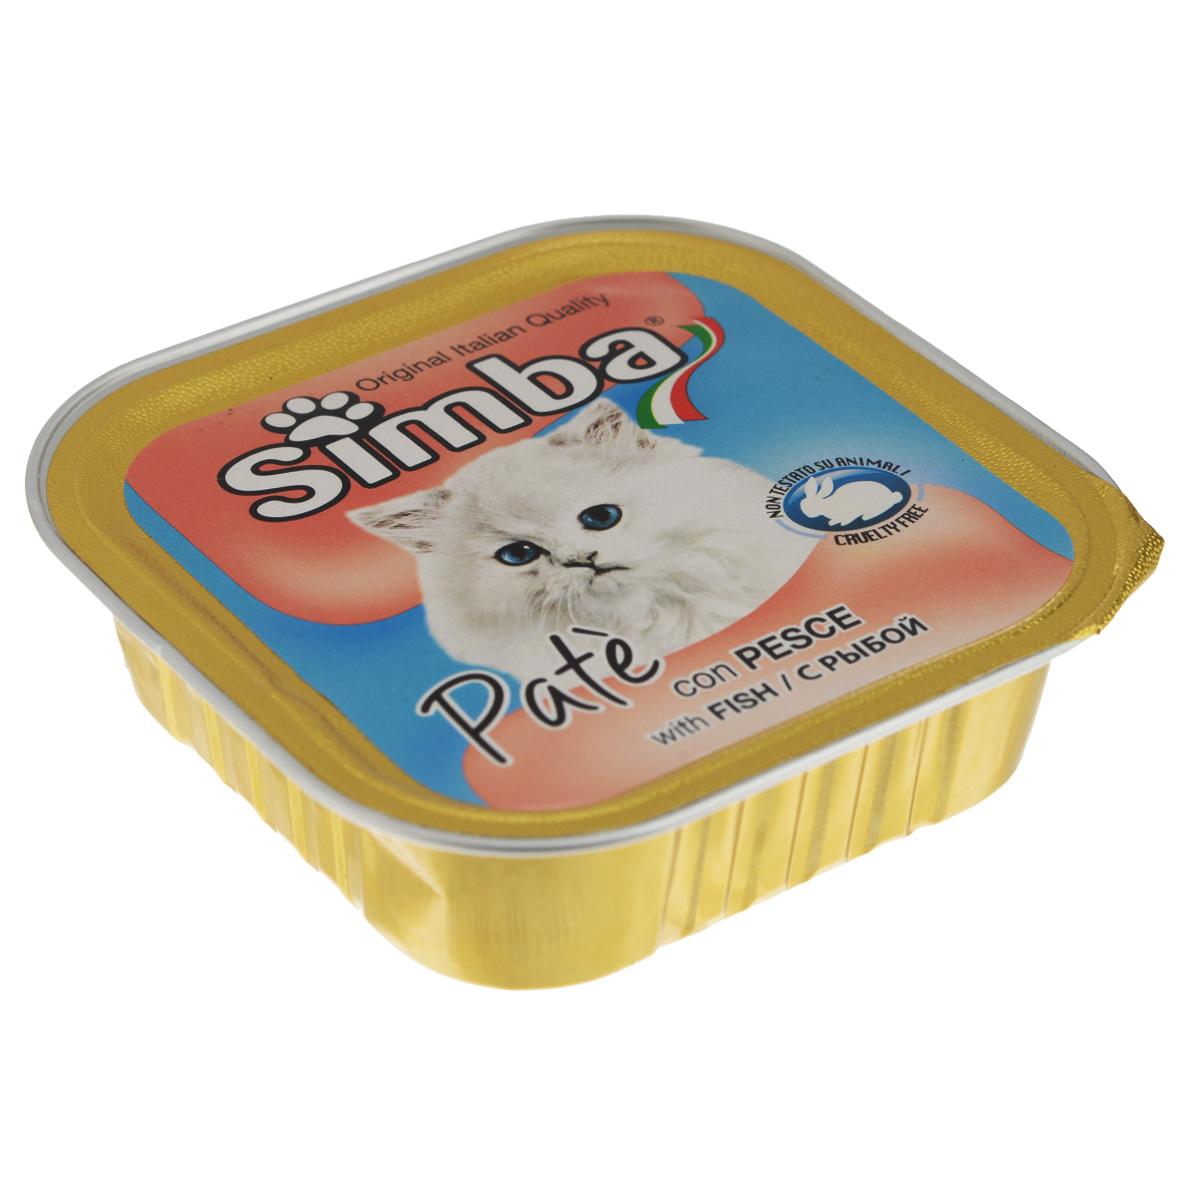 Консервы Monge Simba для взрослых кошек, паштет с рыбой, 100 г12212308Консервы Monge Simba - полнорационный корм для взрослых кошек. Без добавления консервантов и антиоксидантов. Экологически чистое производство гарантирует высочайшее качество и длительные сроки хранения консервов. Тщательный отбор сырья и содержащийся в нем полный набор витаминов и микроэлементов обеспечивает отличную усвояемость и отсутствие проблем с пищеварением у ваших любимых питомцев. Состав: мясо и мясные субпродукты, рыба и рыбные субпродукты (рыба 5%), каррагенин, минеральные вещества, натуральные красители и вкусовые добавки.Пищевая ценность: протеин 8,0%, жир 7,5%, зола 2,1%, клетчатка 0,4%, влажность 82%. Добавки на кг: витамин А: 1 200; витамин D3: 160; витамин Е: 5 мг/кг.Товар сертифицирован.